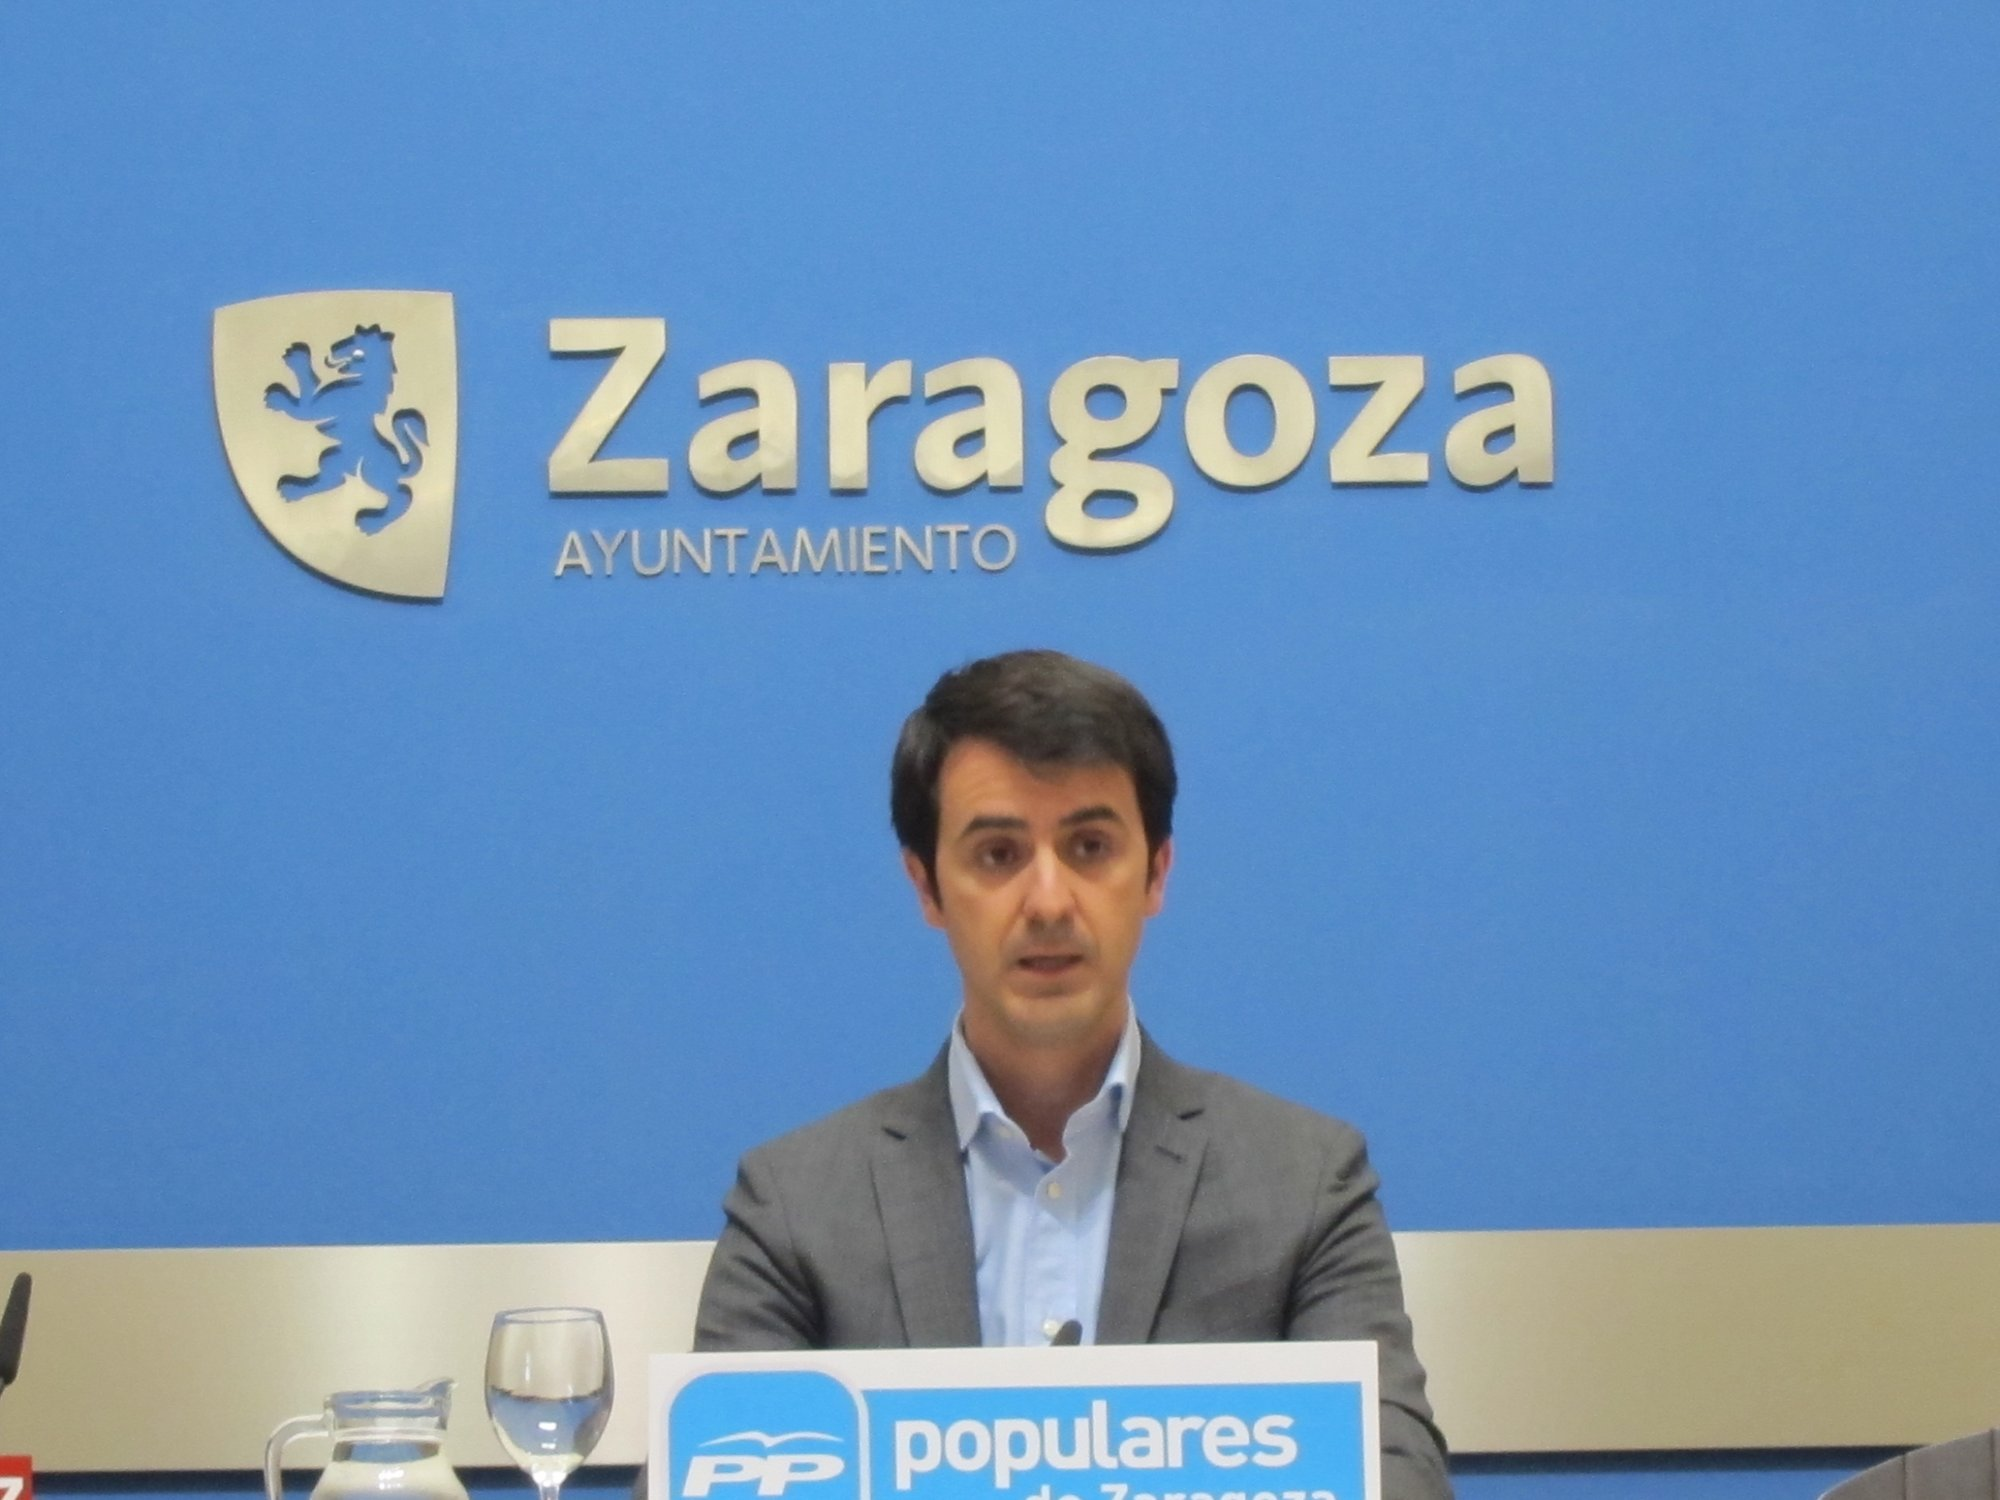 El PP alerta de que hay reconocidos 4 millones por expropiaciones, pero sólo 820.000 euros presupuestados